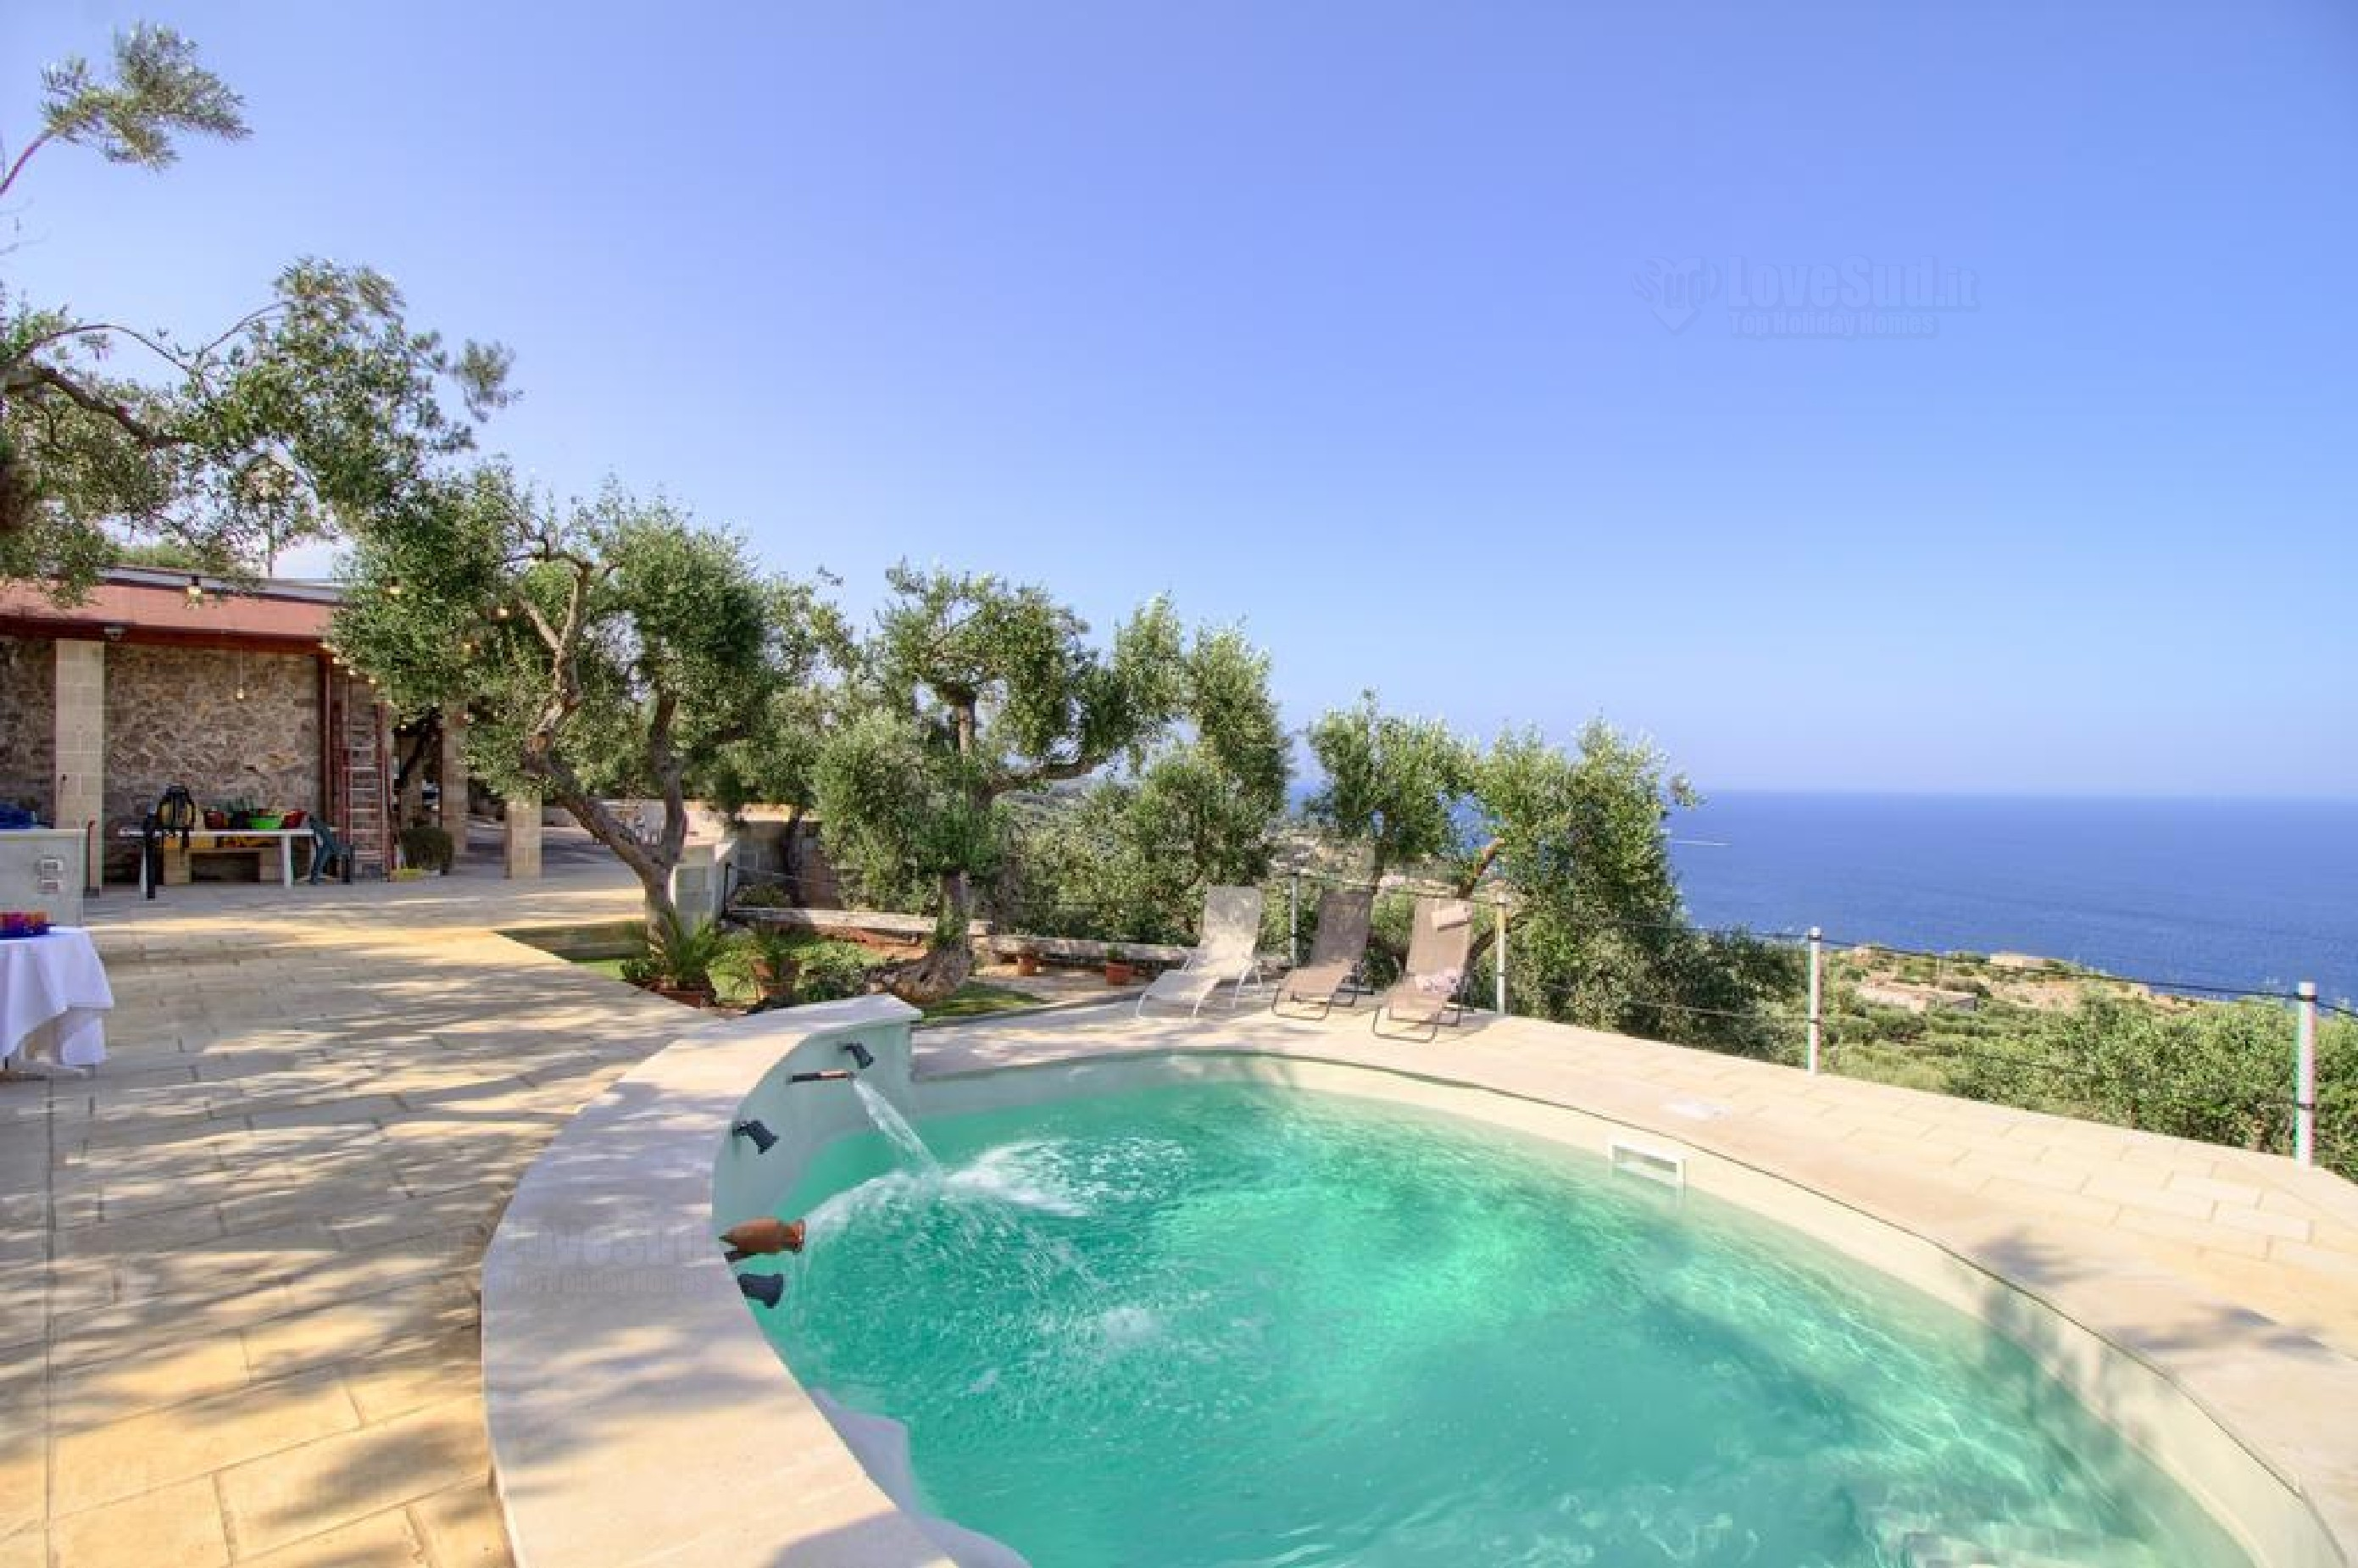 Apartment Albachiara pool house photo 20235995